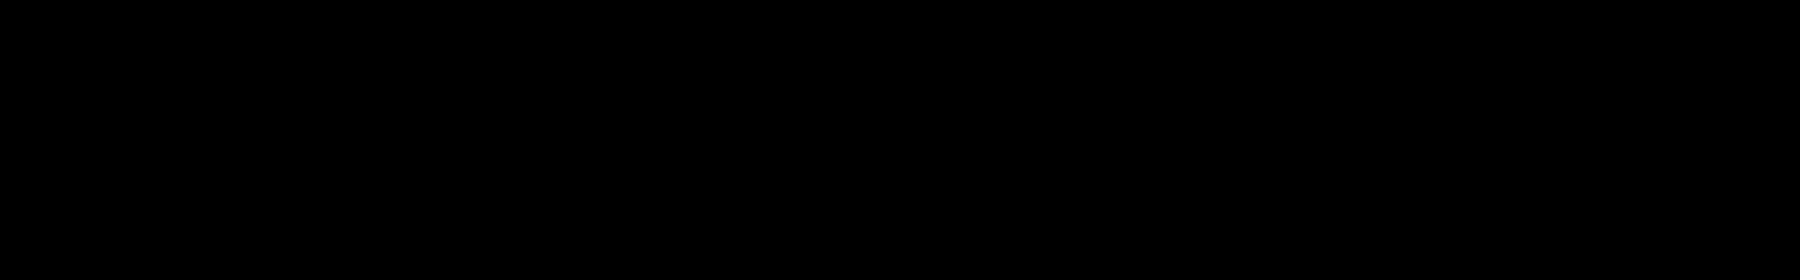 Cthulhu Godz 2 audio waveform